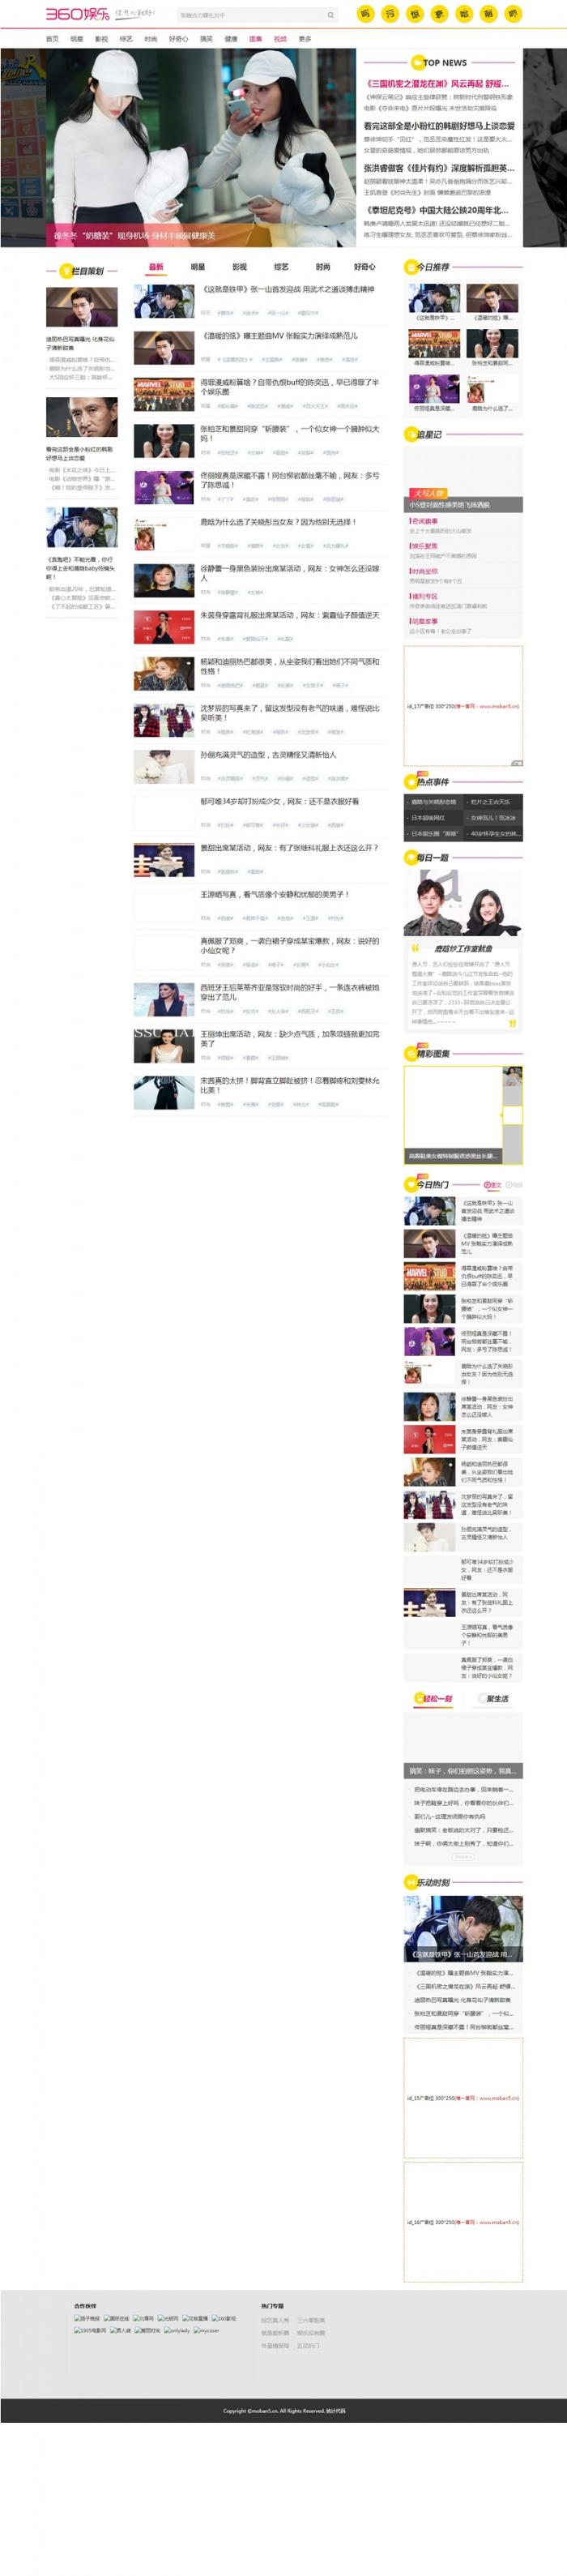 【新闻网站源码】帝国cms7.5仿360娱乐网站娱乐 整站打包带手机版-找主题源码